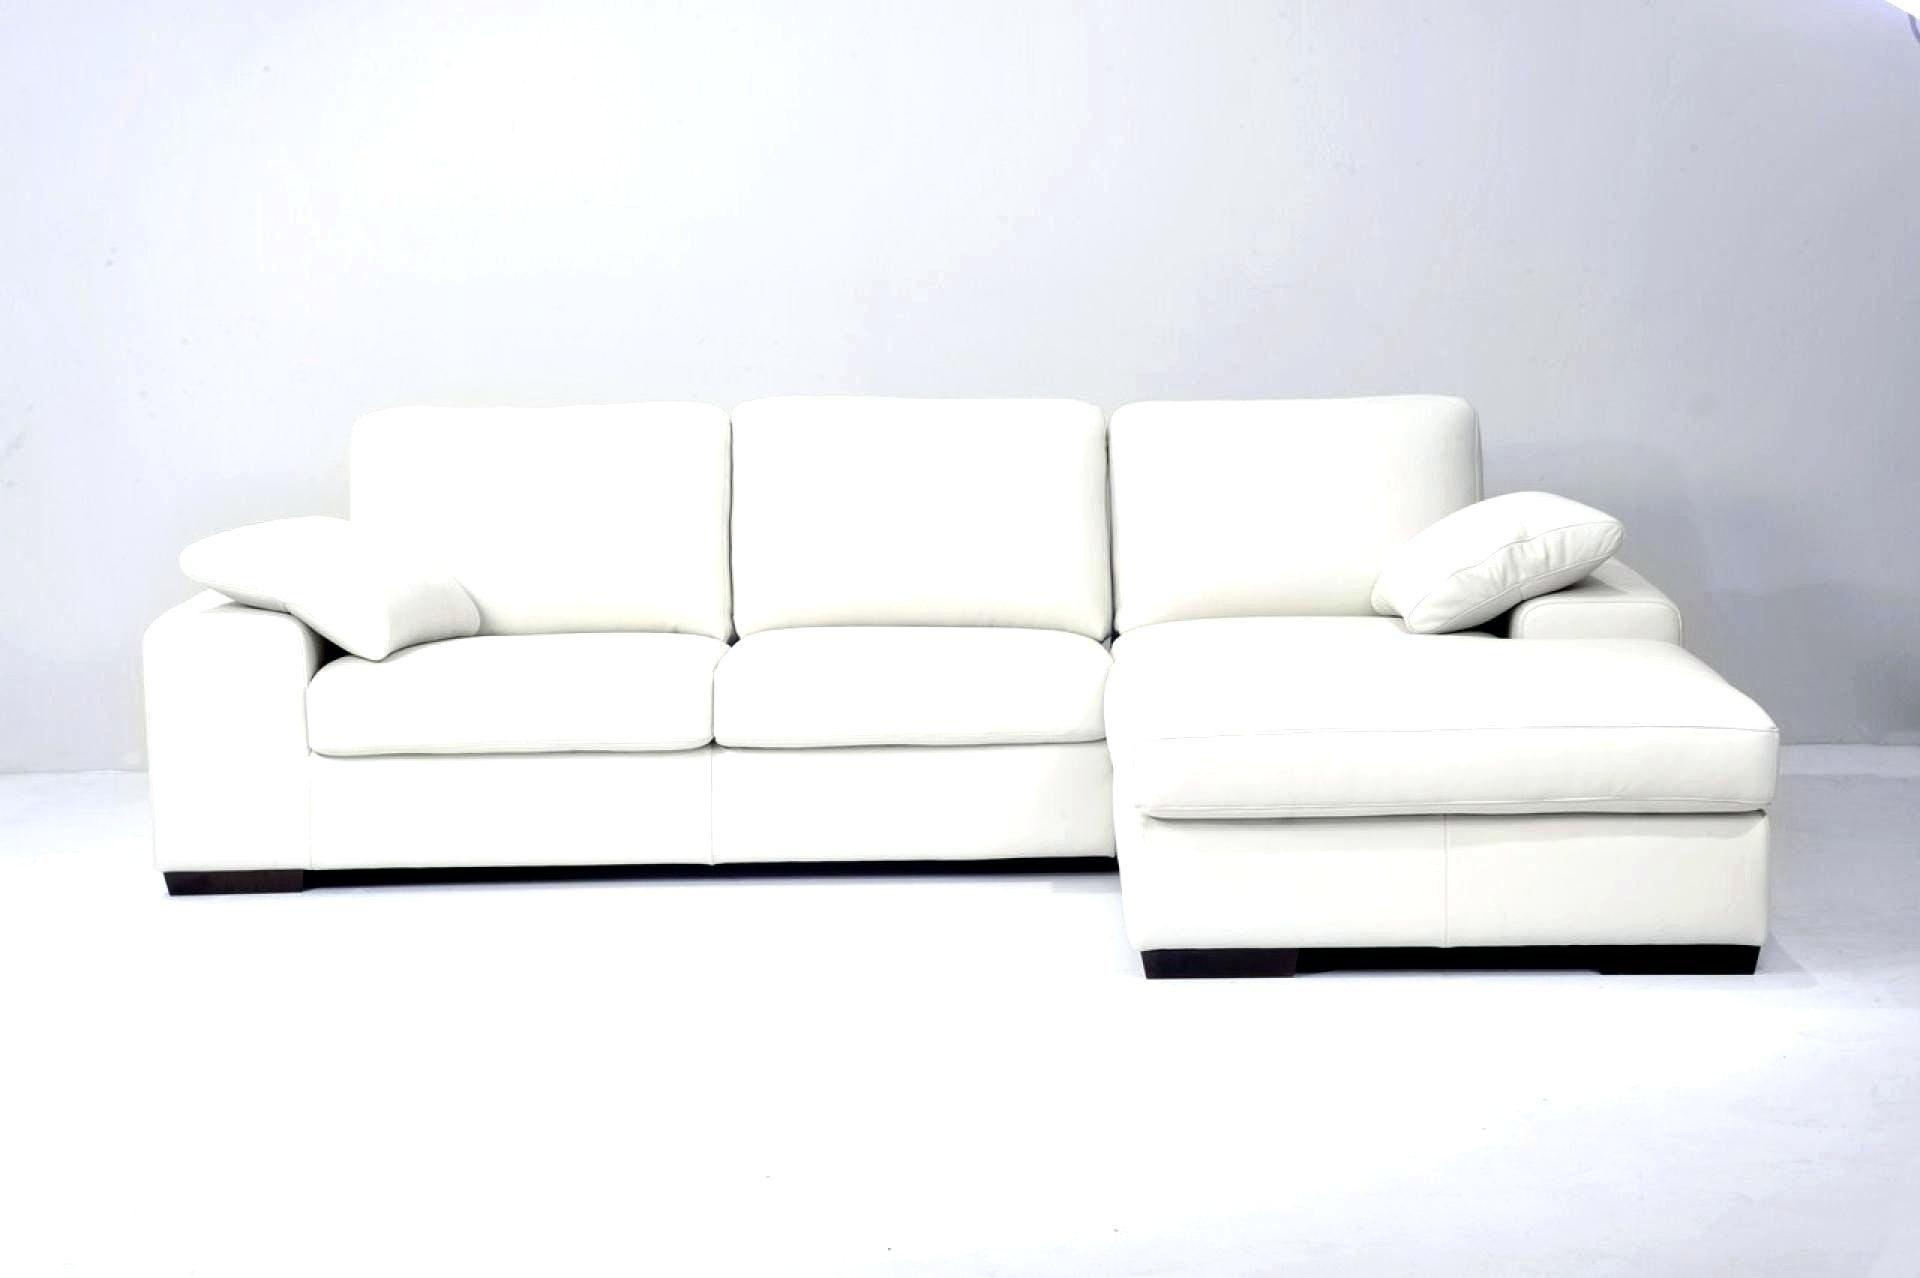 Lit Superposé Angle Agréable Juste Canapé Lit Superposé Et Ikea Canap Lit Ma17 Hemnes Lit